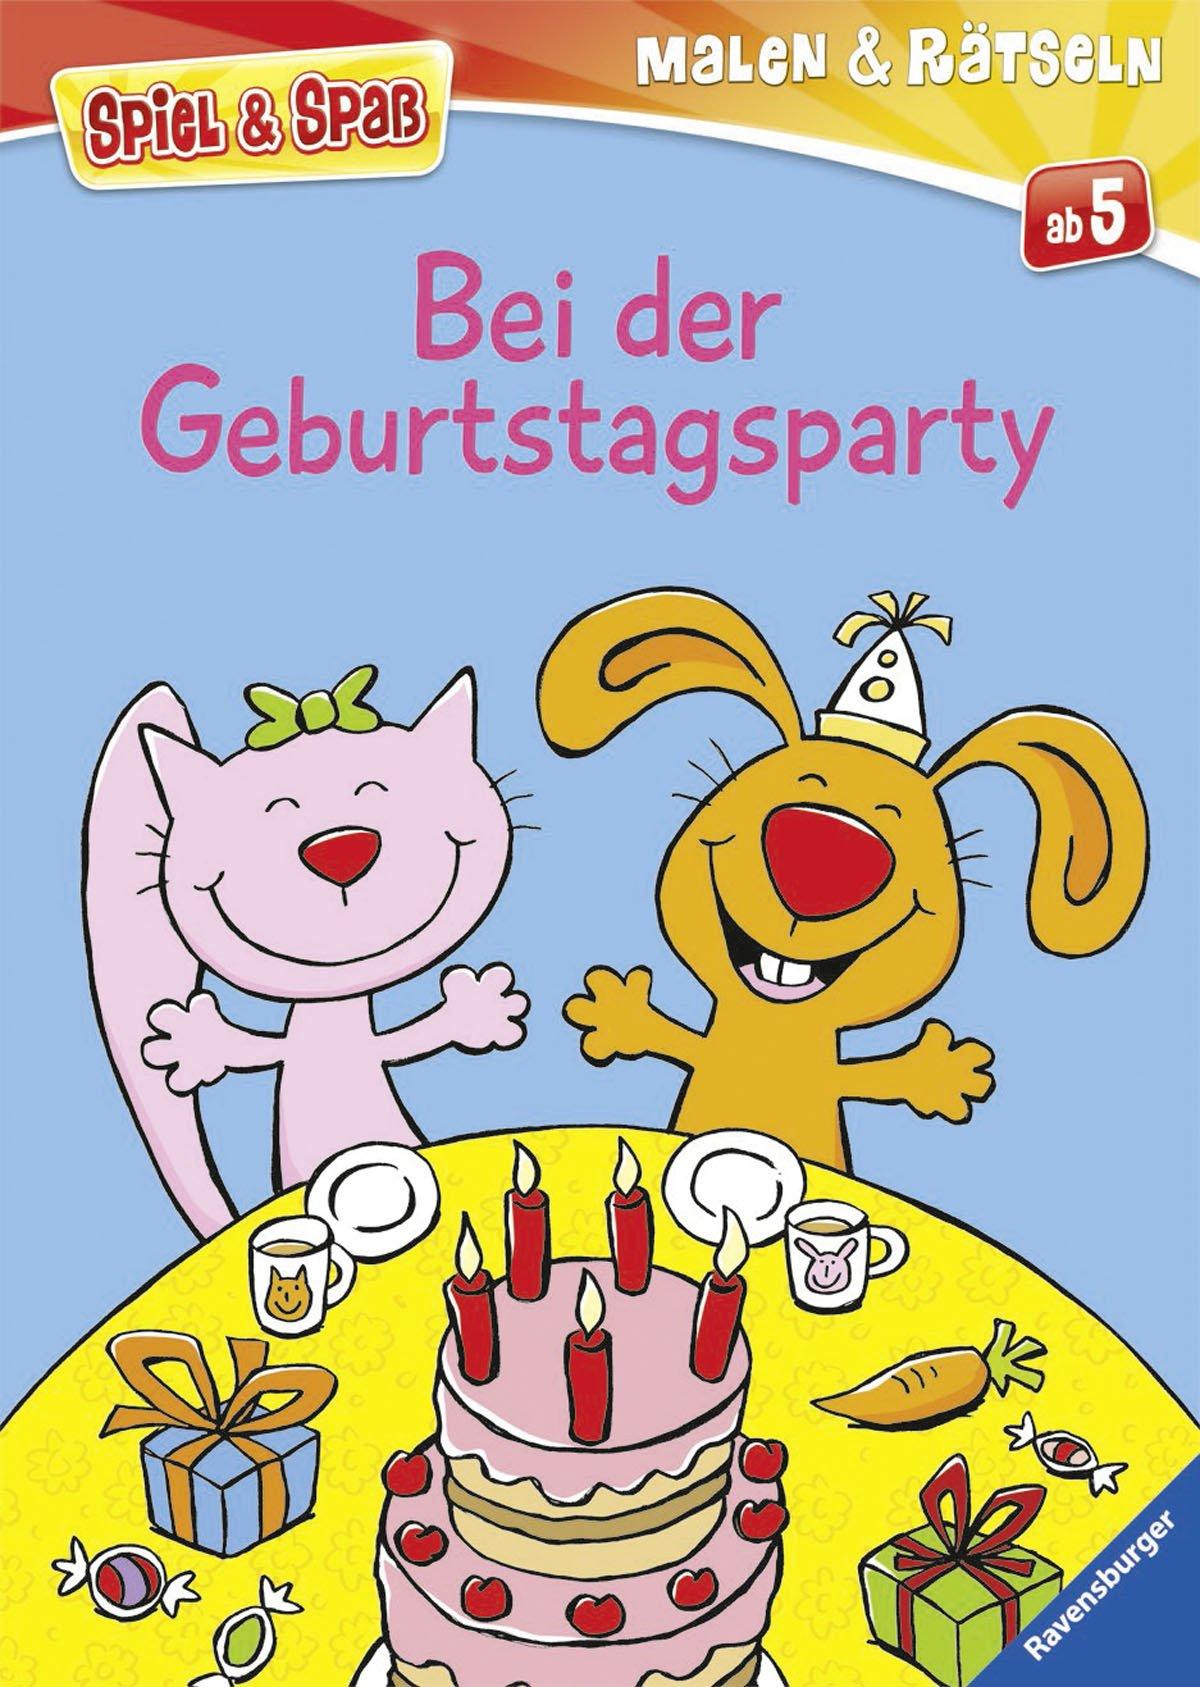 Bei der Geburtstagsparty (Spiel & Spaß - Malen & Rätseln)